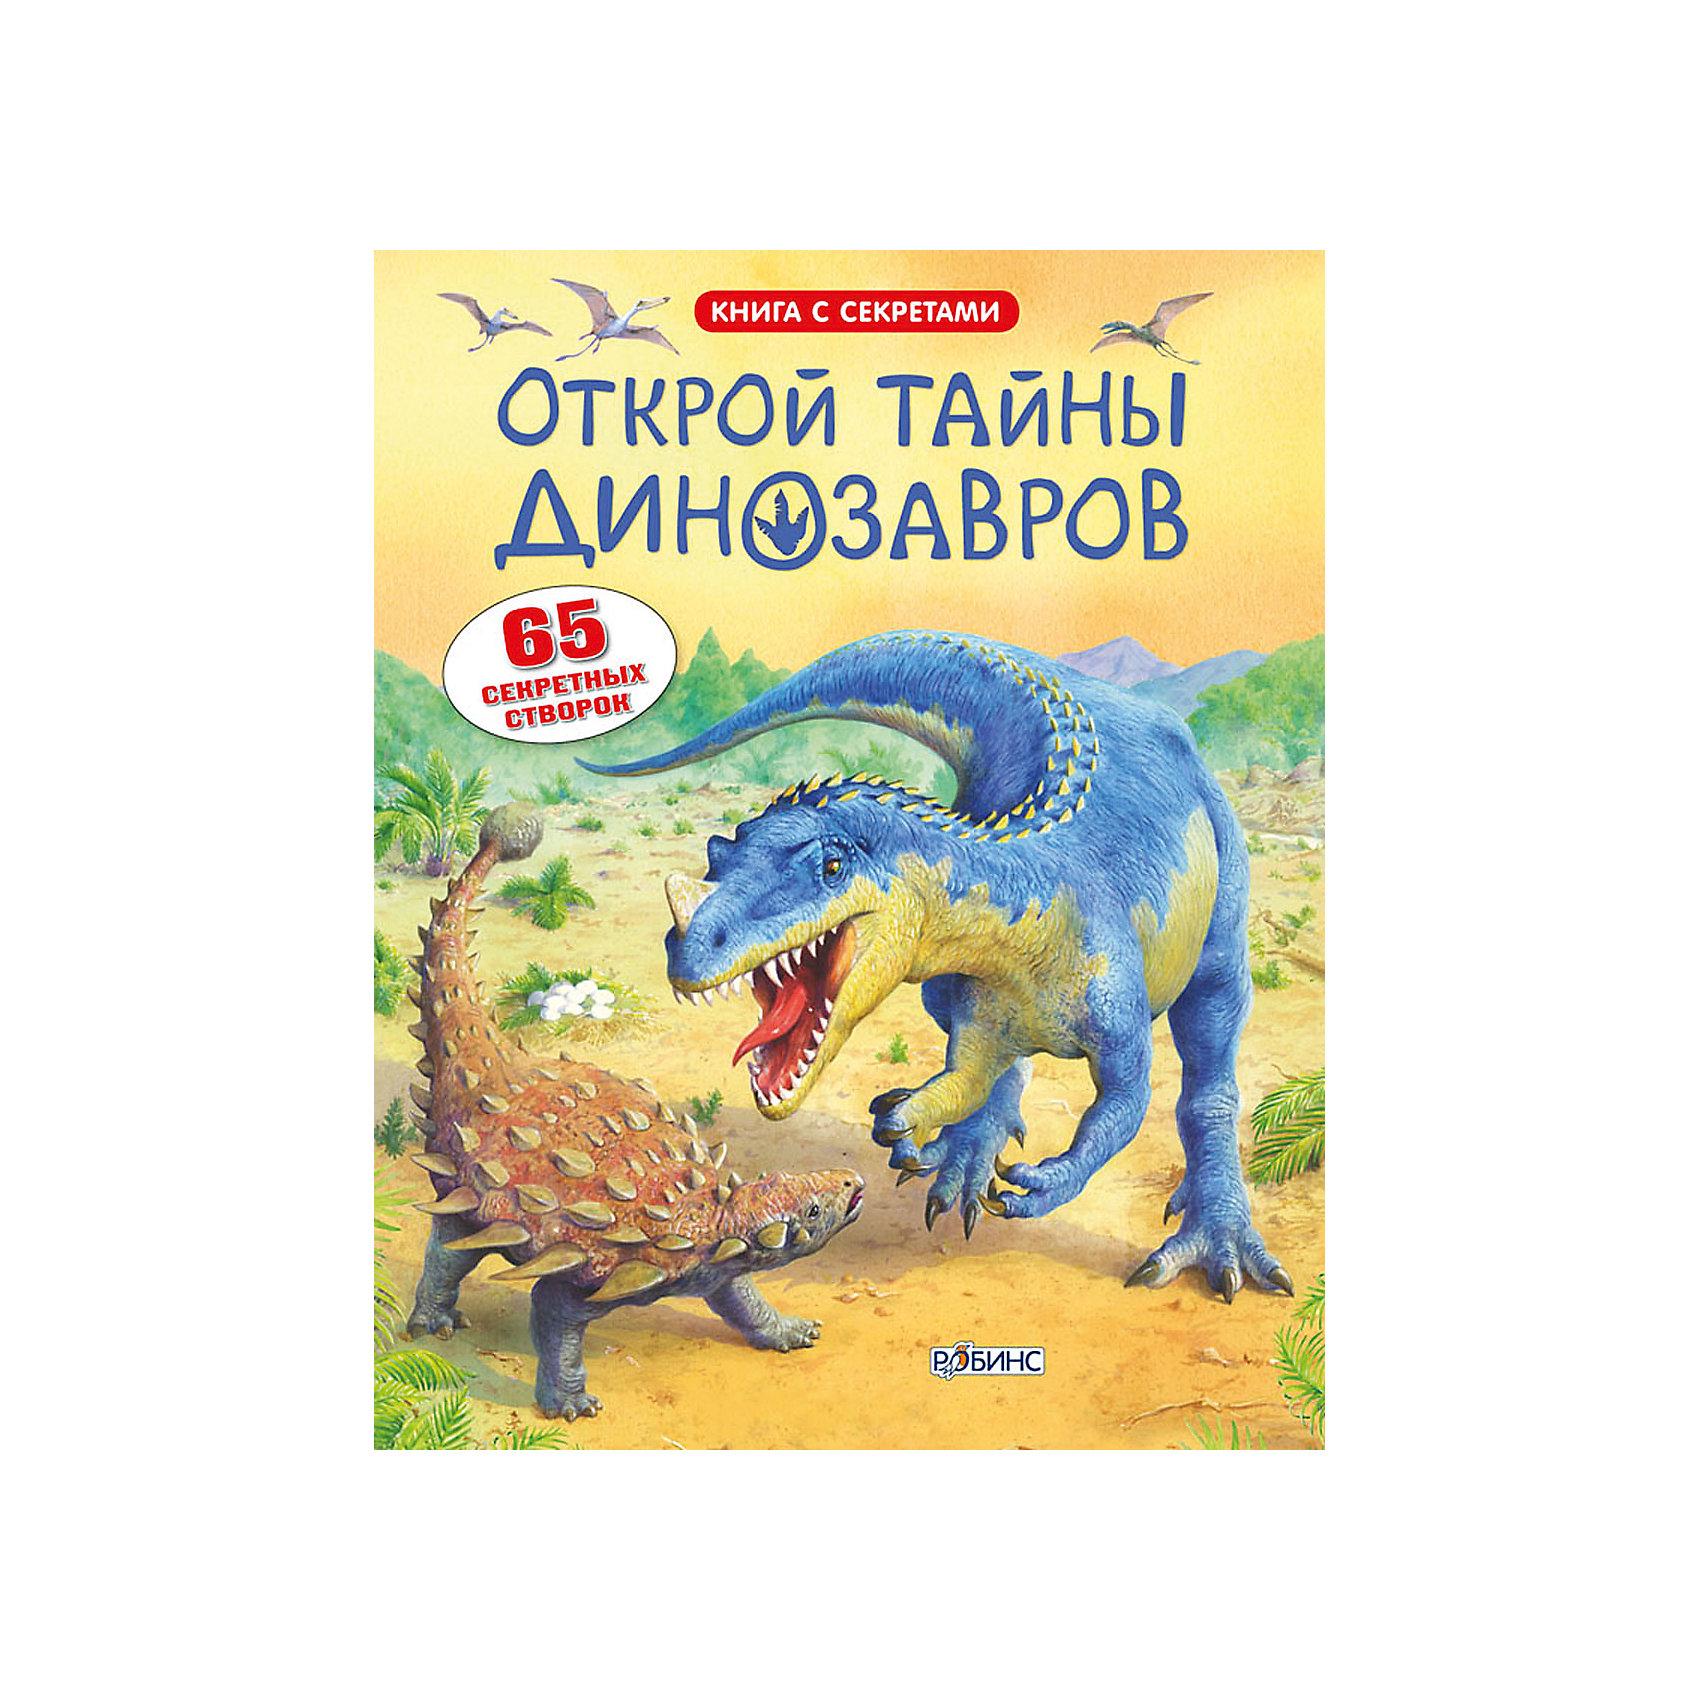 Книга с секретами Открой тайны динозавровКниги с окошками<br>Книга с секретами Открой тайны динозавров – это книга для любознательных детей и их родителей!<br>Миллионы лет динозавры бродили по Земле. Как они жили и выглядели? Чем питались? И почему исчезли навсегда? Открывая секретные створки, любознательный читатель узнает все тайны этих загадочных исчезнувших животных. Удивительные динамичные иллюстрации Питера Скотта помогут перенестись в настоящий парк юрского периода и увидеть летающего брахнозавра, кентозавра с огромными шипами, поющего паразауролофа, травоядного эдмонтозавра. В книге 65 секретных створок, за каждой из которых интересная и познавательная информация. Страницы книги изготовлены из толстого картона, поэтому она не деформируется при многократном использовании, и будет радовать вашего ребёнка долгие годы.<br><br>Дополнительная информация:<br><br>- Разделы книги: Огромный конструктор из костей динозавра; Зарождение жизни; На заре эры динозавров; Поступь исполинов; Причудливые украшения; Жестокие схватки; Куда они все исчезли?; Динозавры сегодня; Кто есть кто<br>- Автор: Алекс Фрис<br>- Иллюстратор: Скотт Питер <br>- Переводчик: Цапко Иван<br>- Серия: Книга с секретами<br>- Издательство: Робинс<br>- Переплет: твердый переплет. плотная бумага или картон<br>- Оформление: частичная лакировка, вырубка<br>- Иллюстрации: цветные<br>- Количество страниц: 14 (плотный мелованный картон)<br>- Размер: 280 х 220 х 25 мм.<br>- Вес: 713 гр.<br><br>Книгу с секретами Открой тайны динозавров можно купить в нашем интернет-магазине.<br><br>Ширина мм: 280<br>Глубина мм: 220<br>Высота мм: 25<br>Вес г: 713<br>Возраст от месяцев: 36<br>Возраст до месяцев: 96<br>Пол: Унисекс<br>Возраст: Детский<br>SKU: 4050233